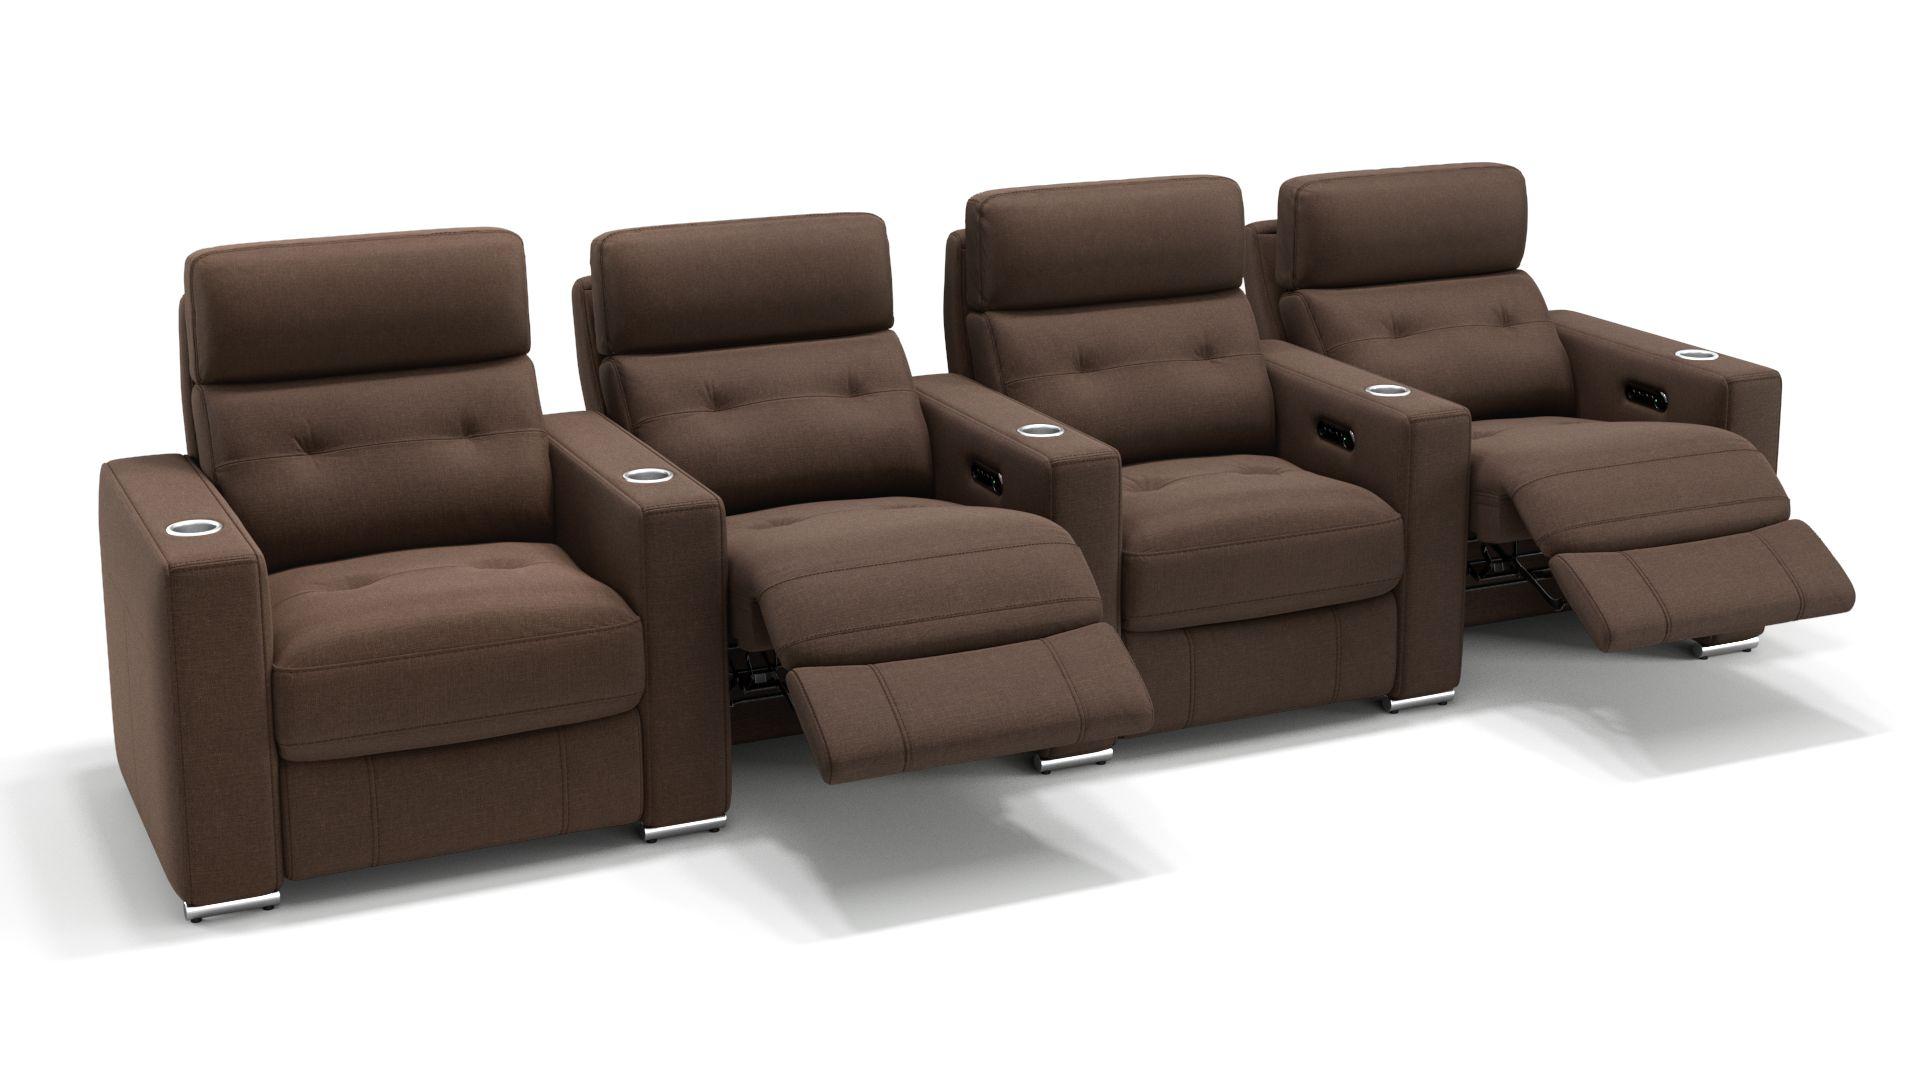 Stoff 4-Sitzer Kinosofa mit drei Mittelkonsolen MATERA